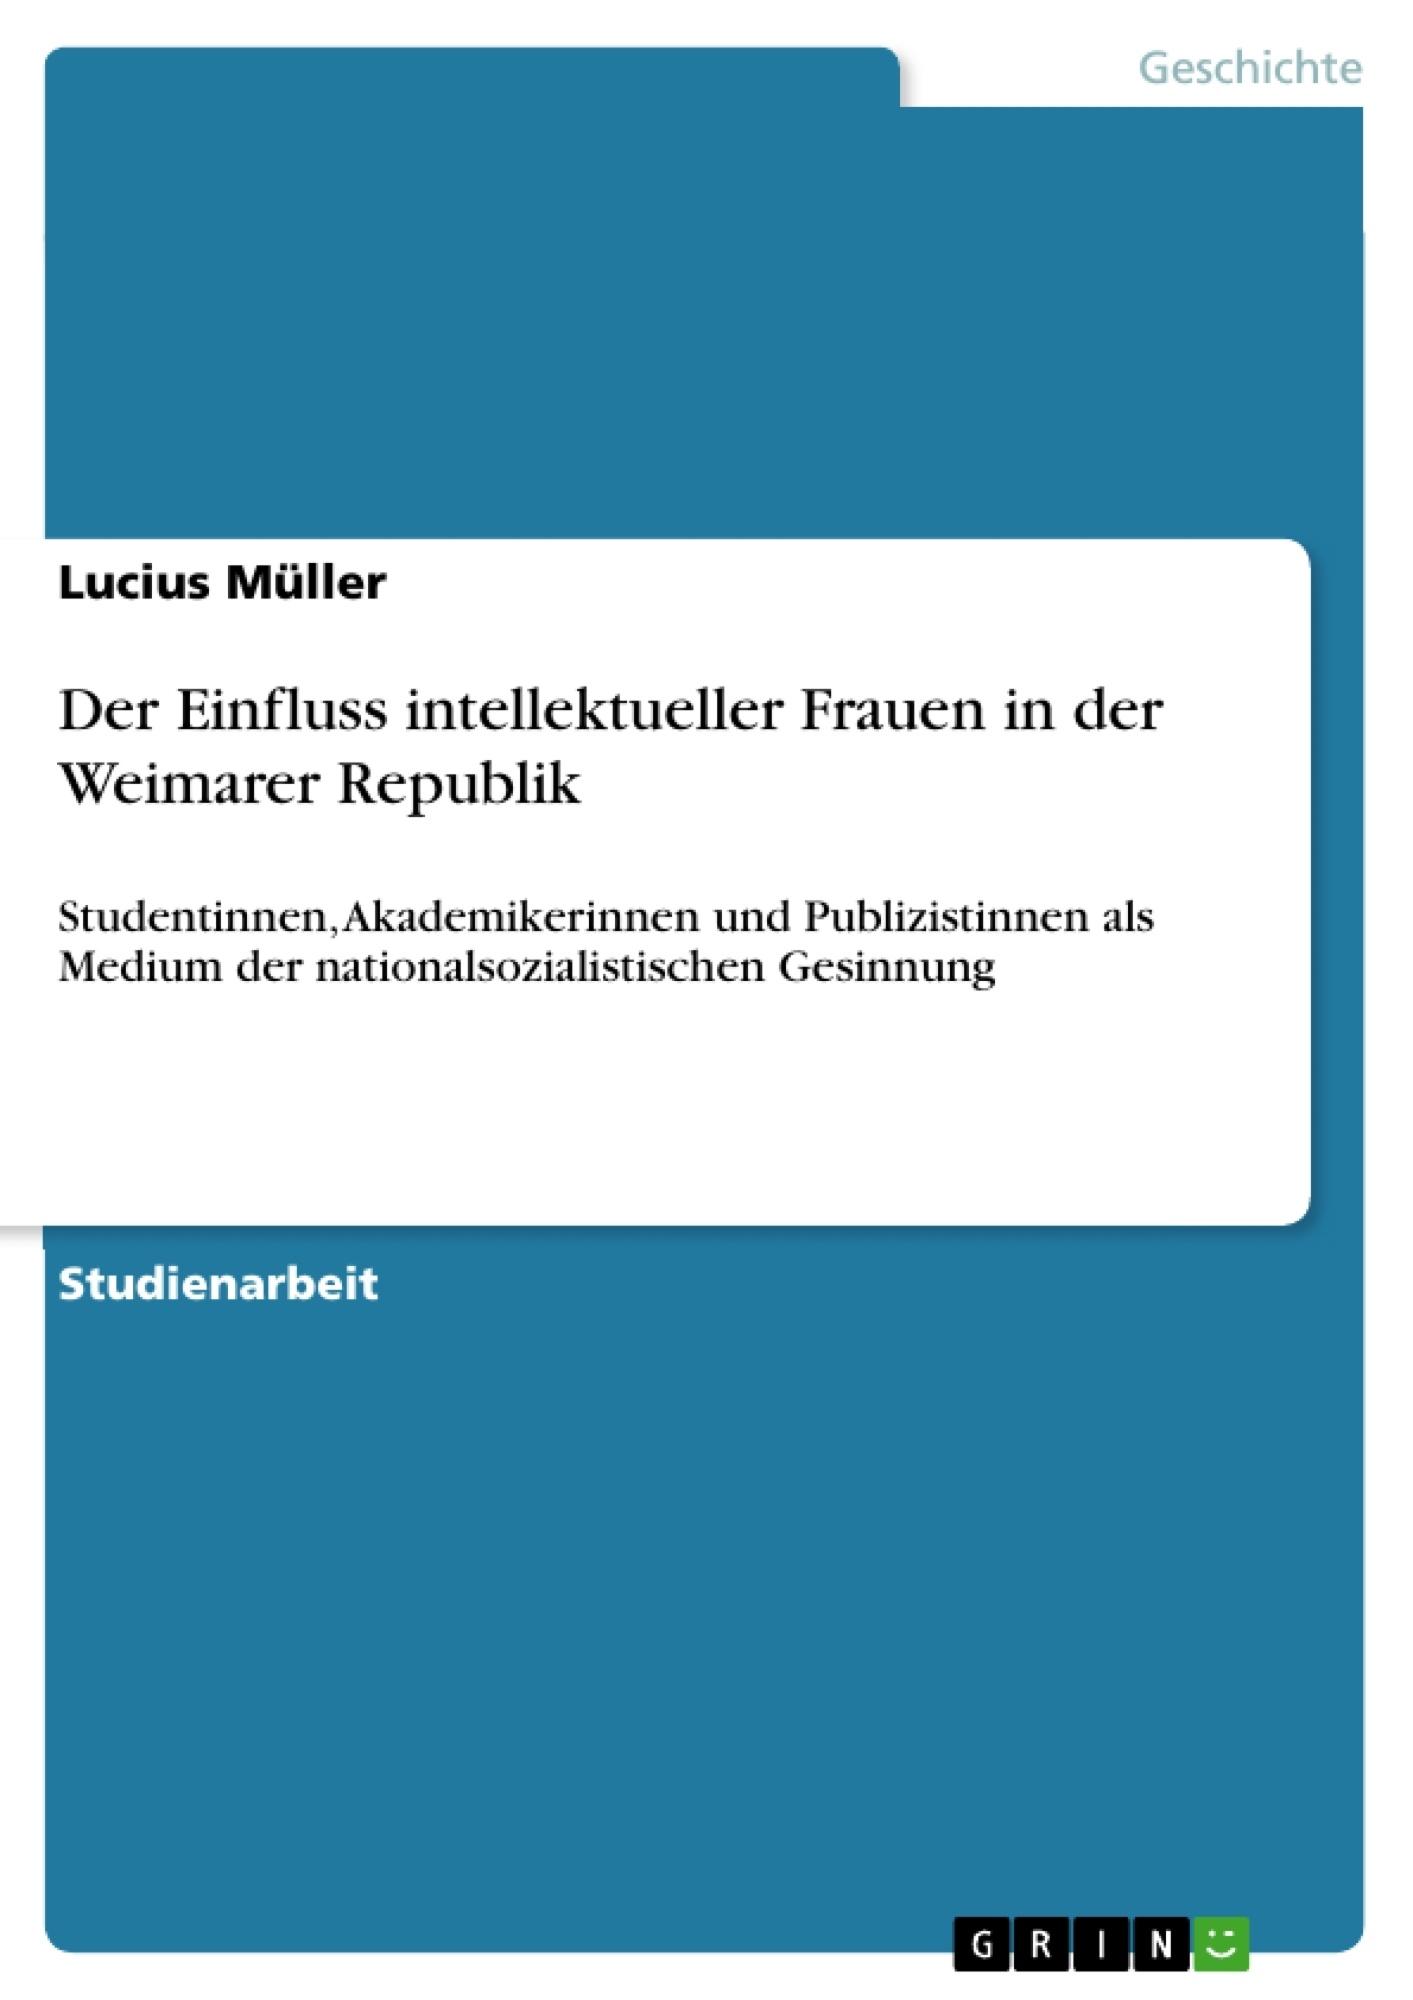 Titel: Der Einfluss intellektueller Frauen in der Weimarer Republik